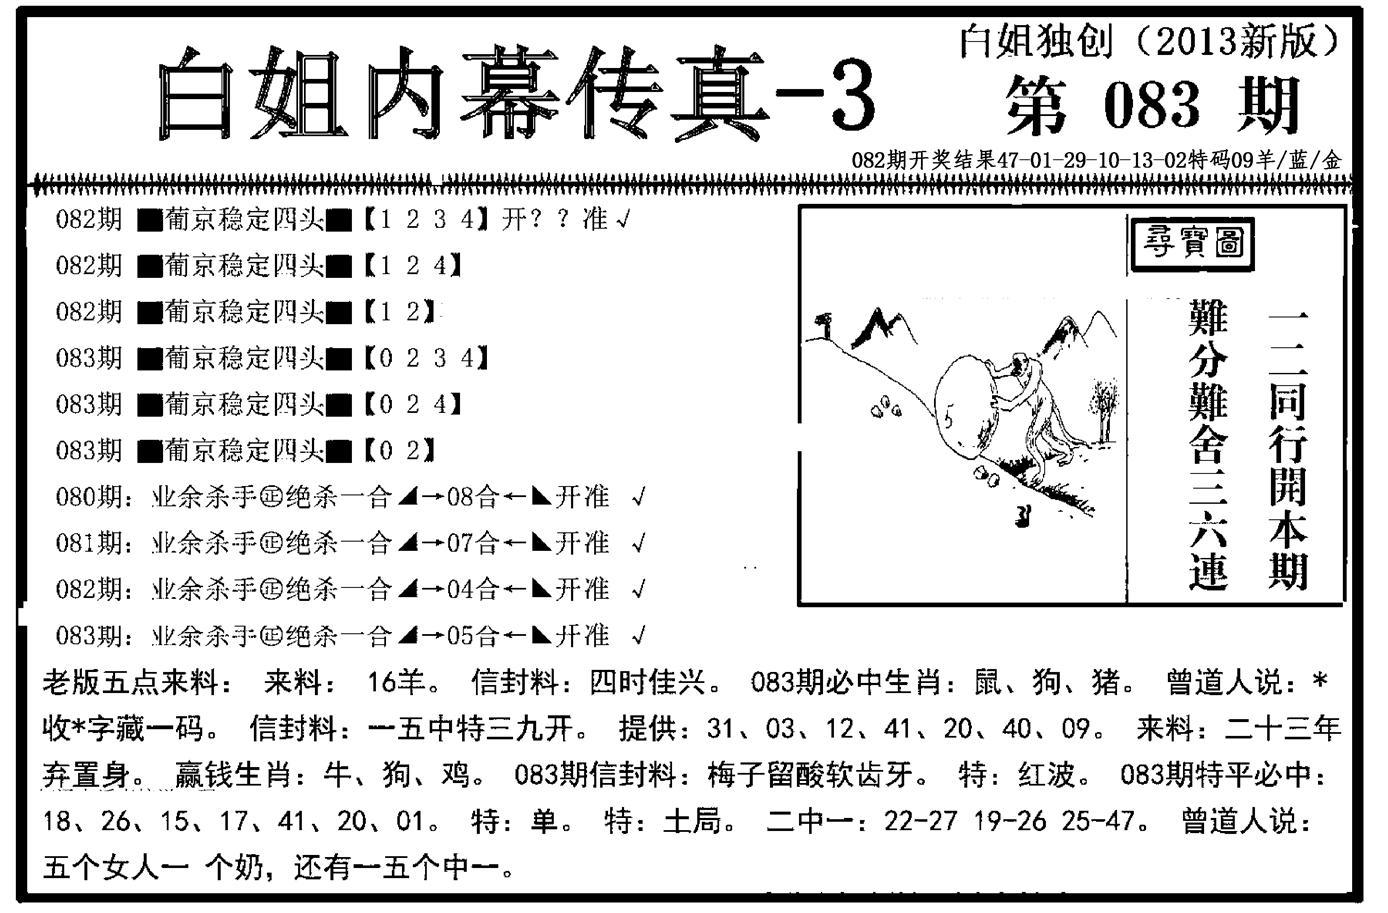 083期白姐内幕传真-3(黑白)